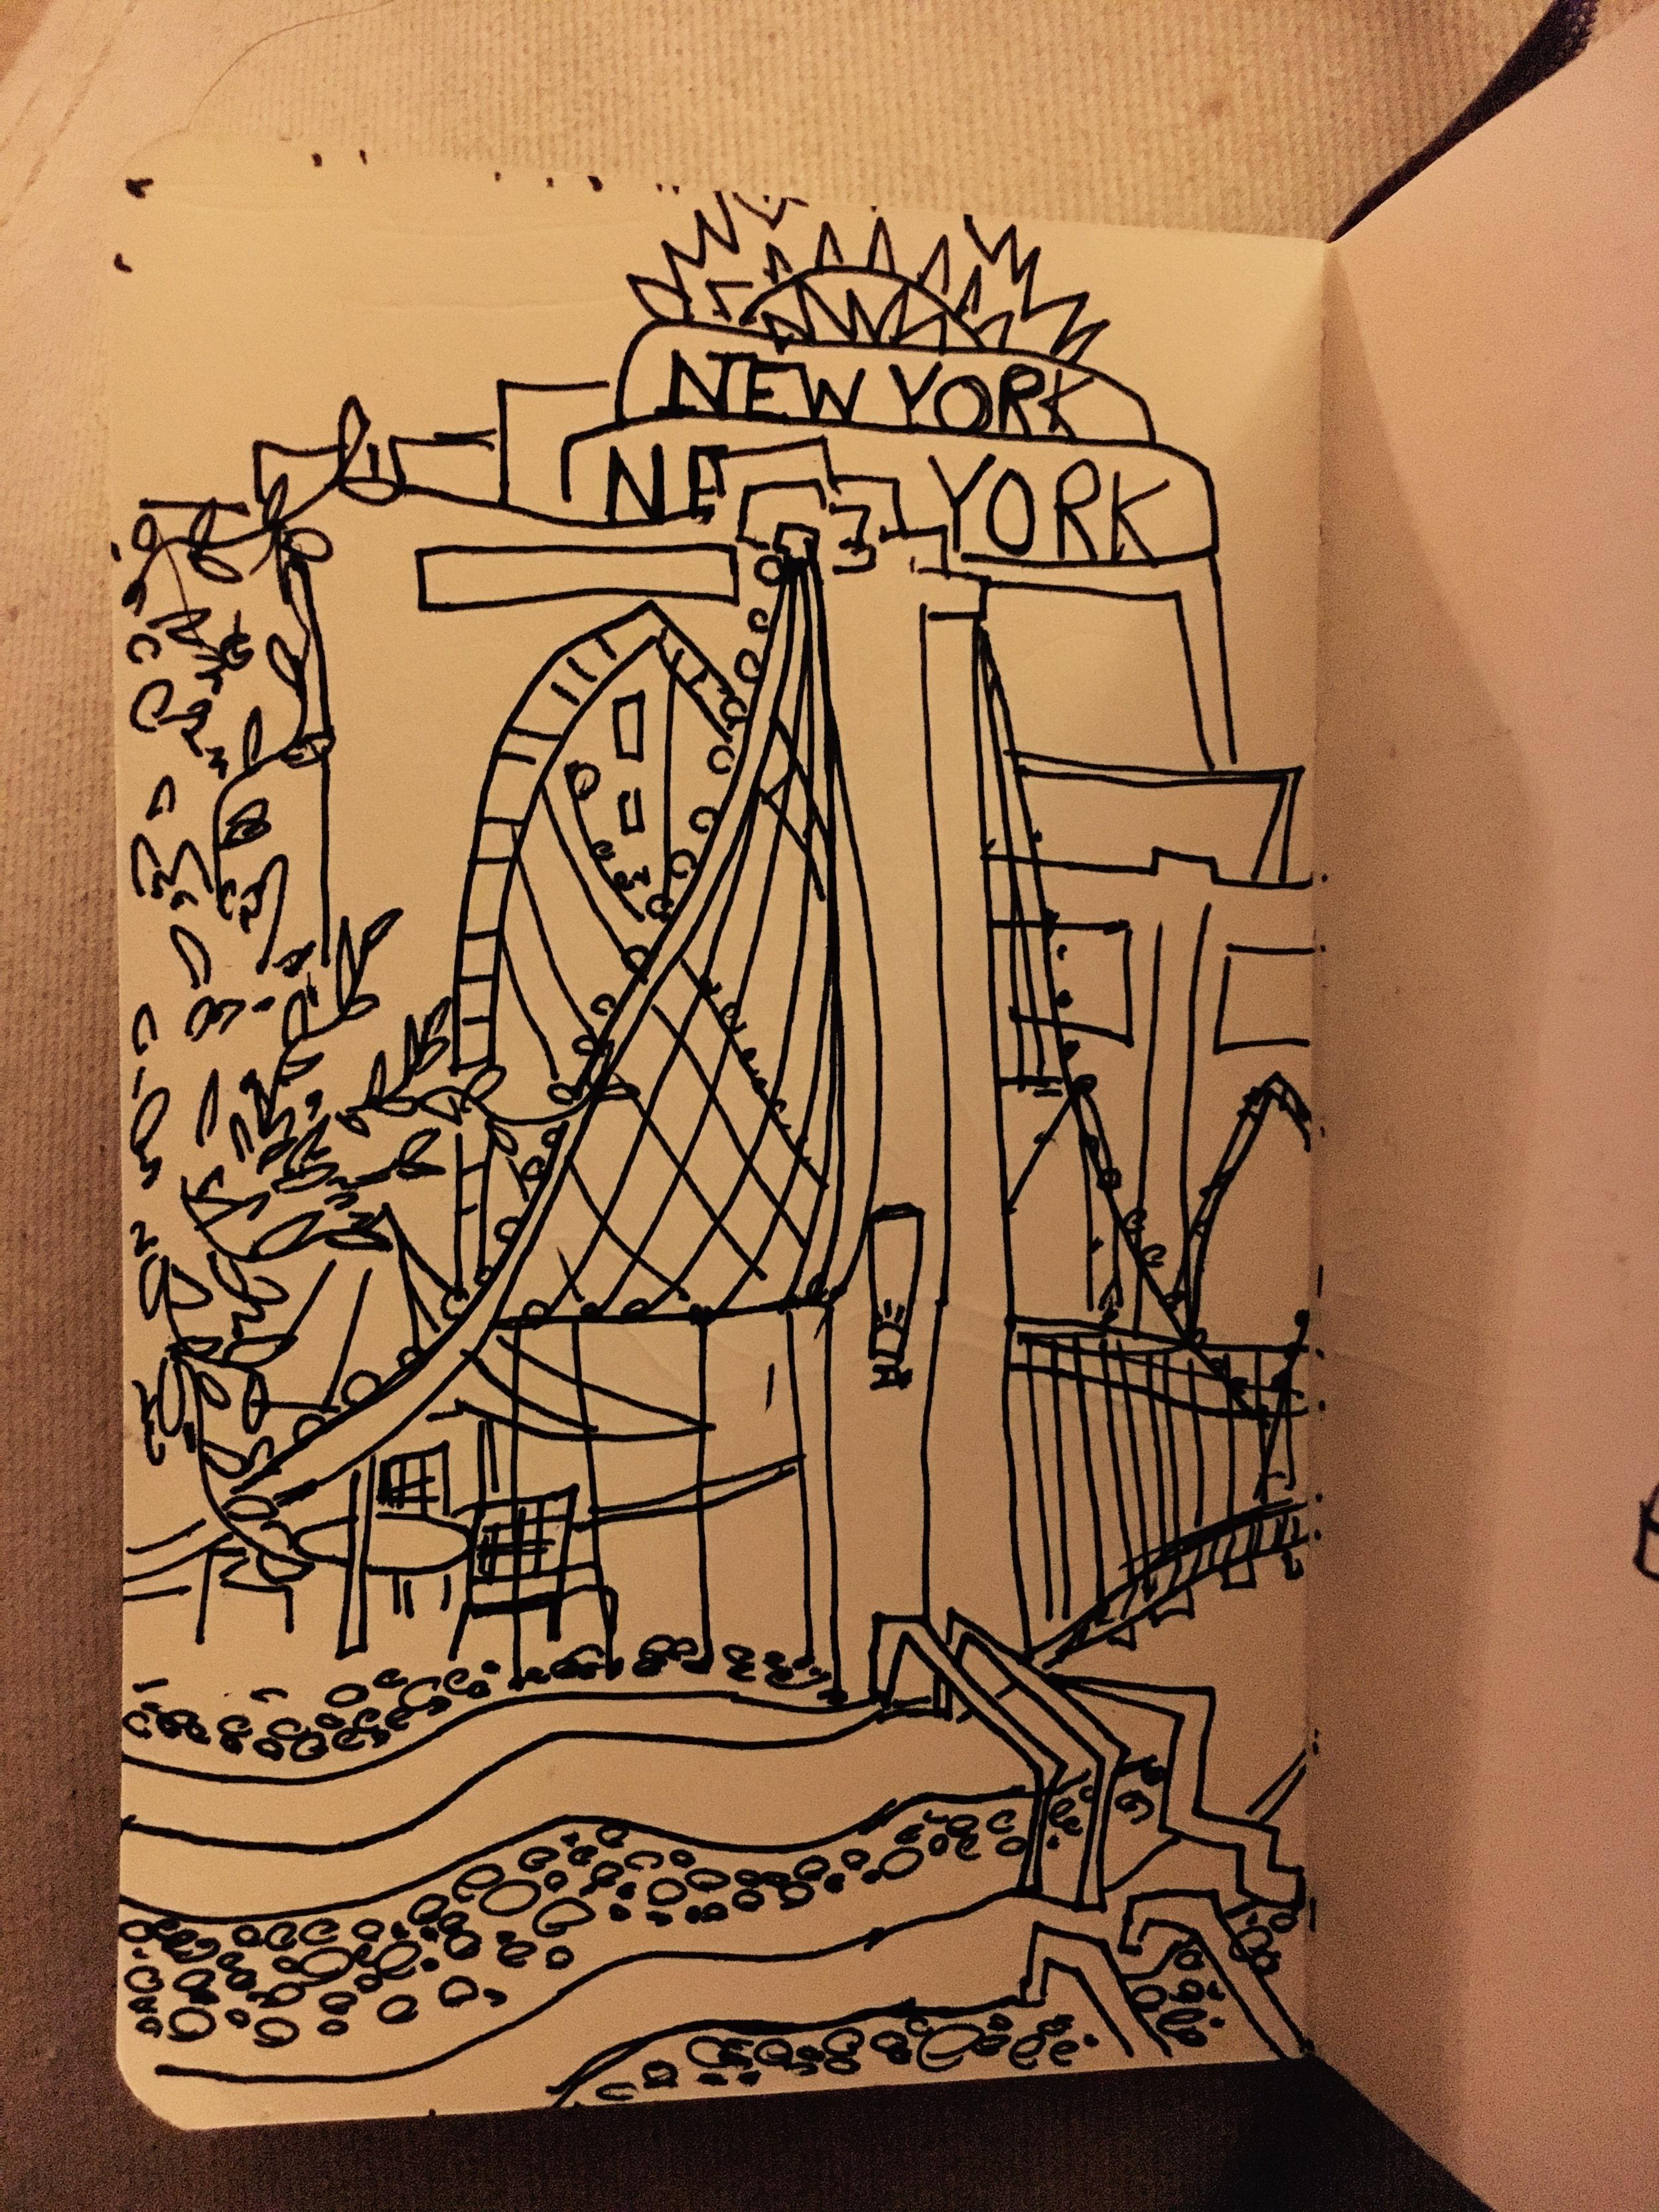 At the New York, NY